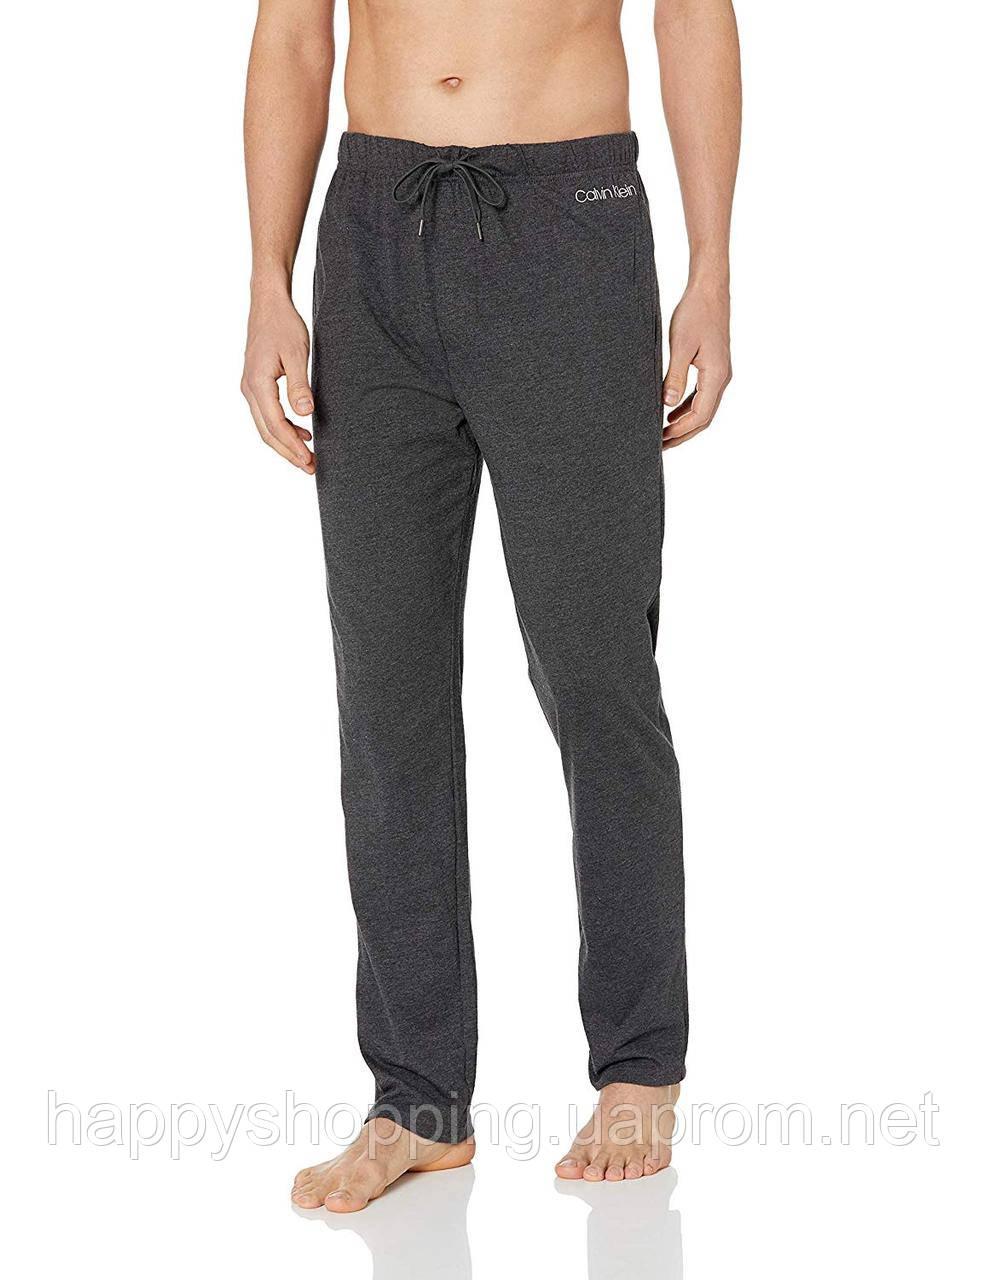 Мужские темно-серые спортивные штаны  популярного бренда Calvin Klein